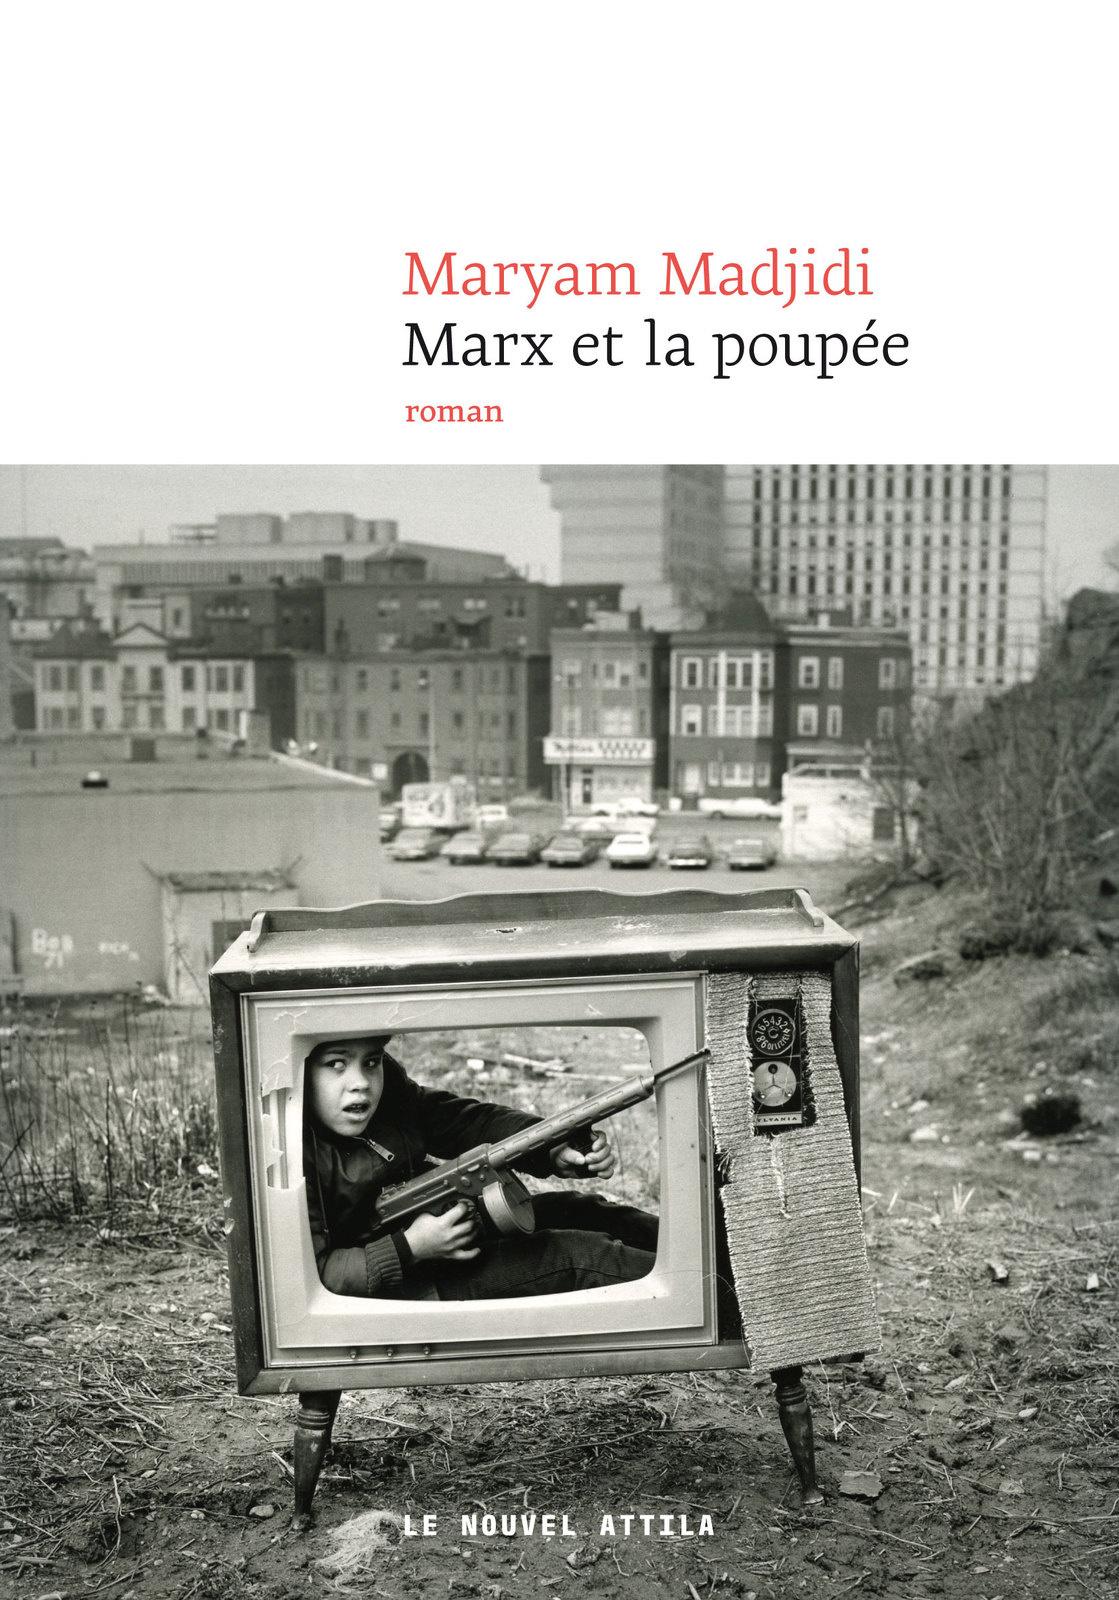 ob_3d8c33_marx-et-la-poupee